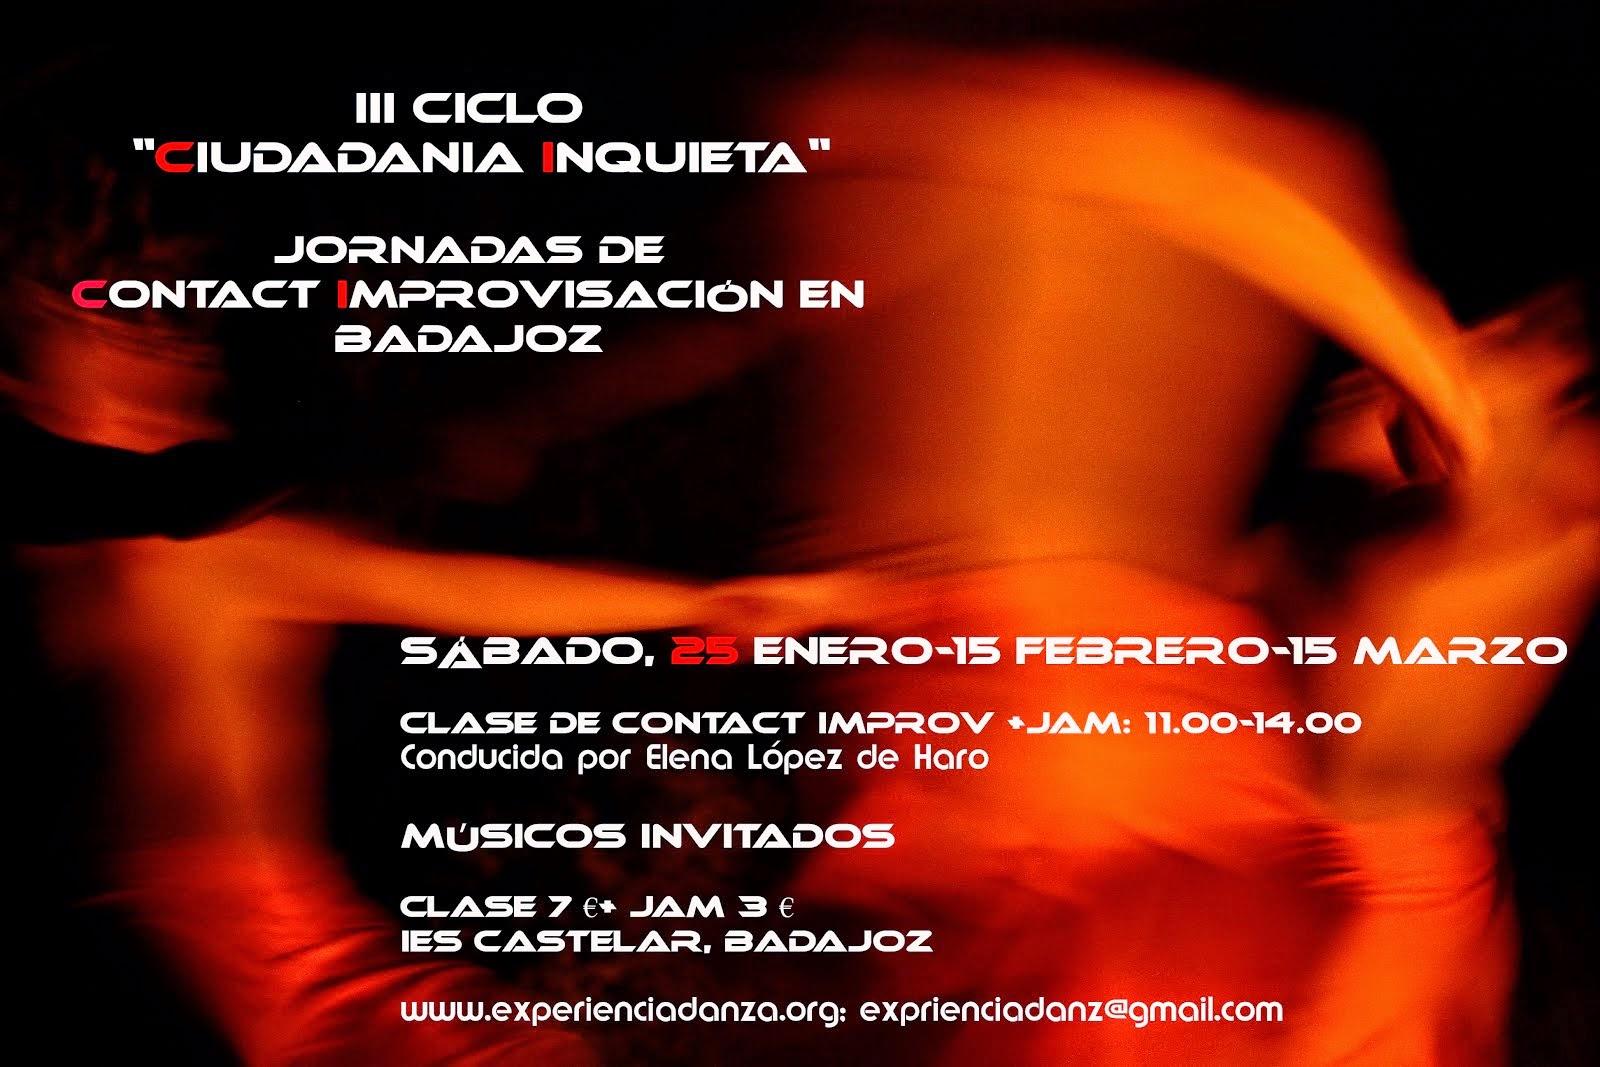 """III CICLO """"CIUDADANÍA INQUIETA"""" 2014"""